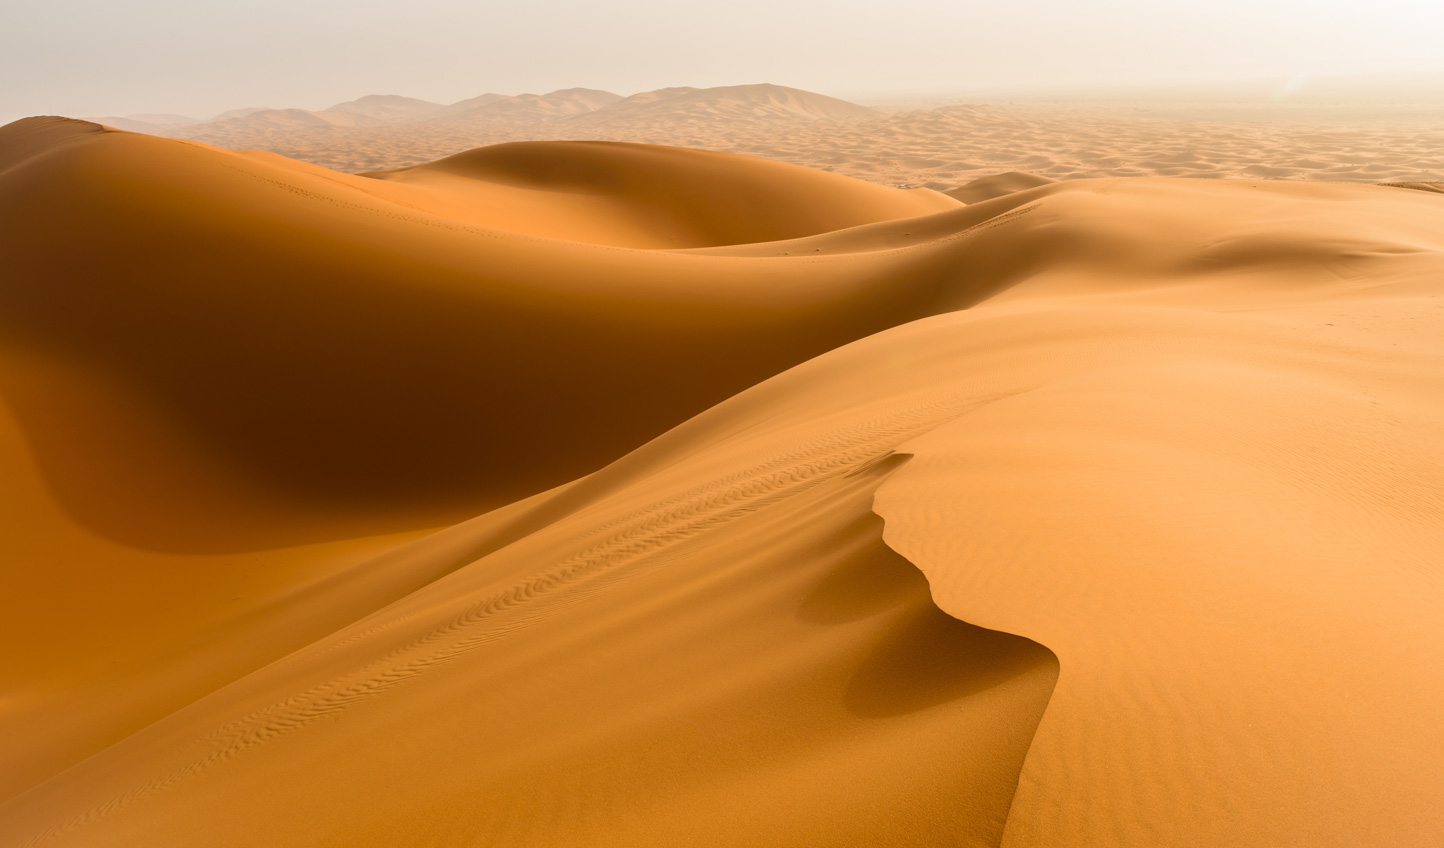 Climb atop the sweeping dunes of the Sahara